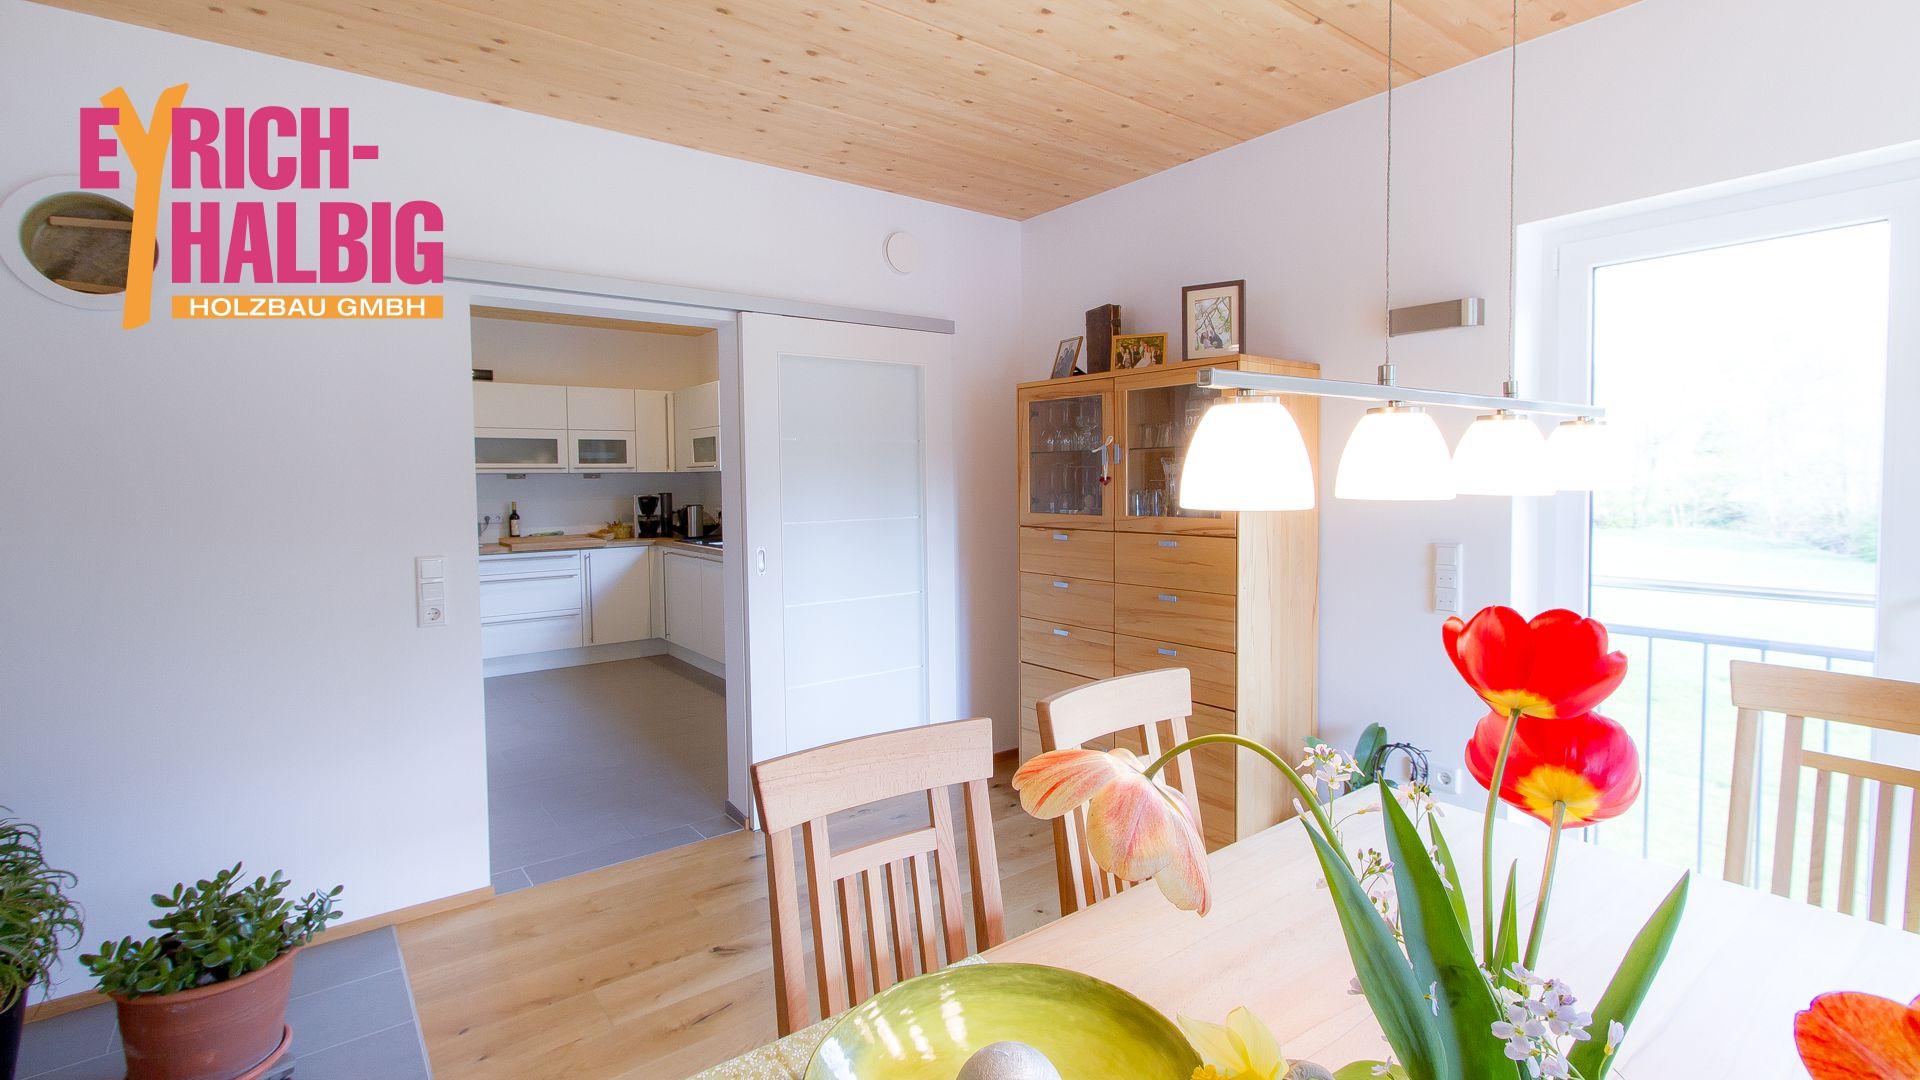 Wohnraum Jederzeit Anpassbar Eyrich Halbig Holzbau Gmbh